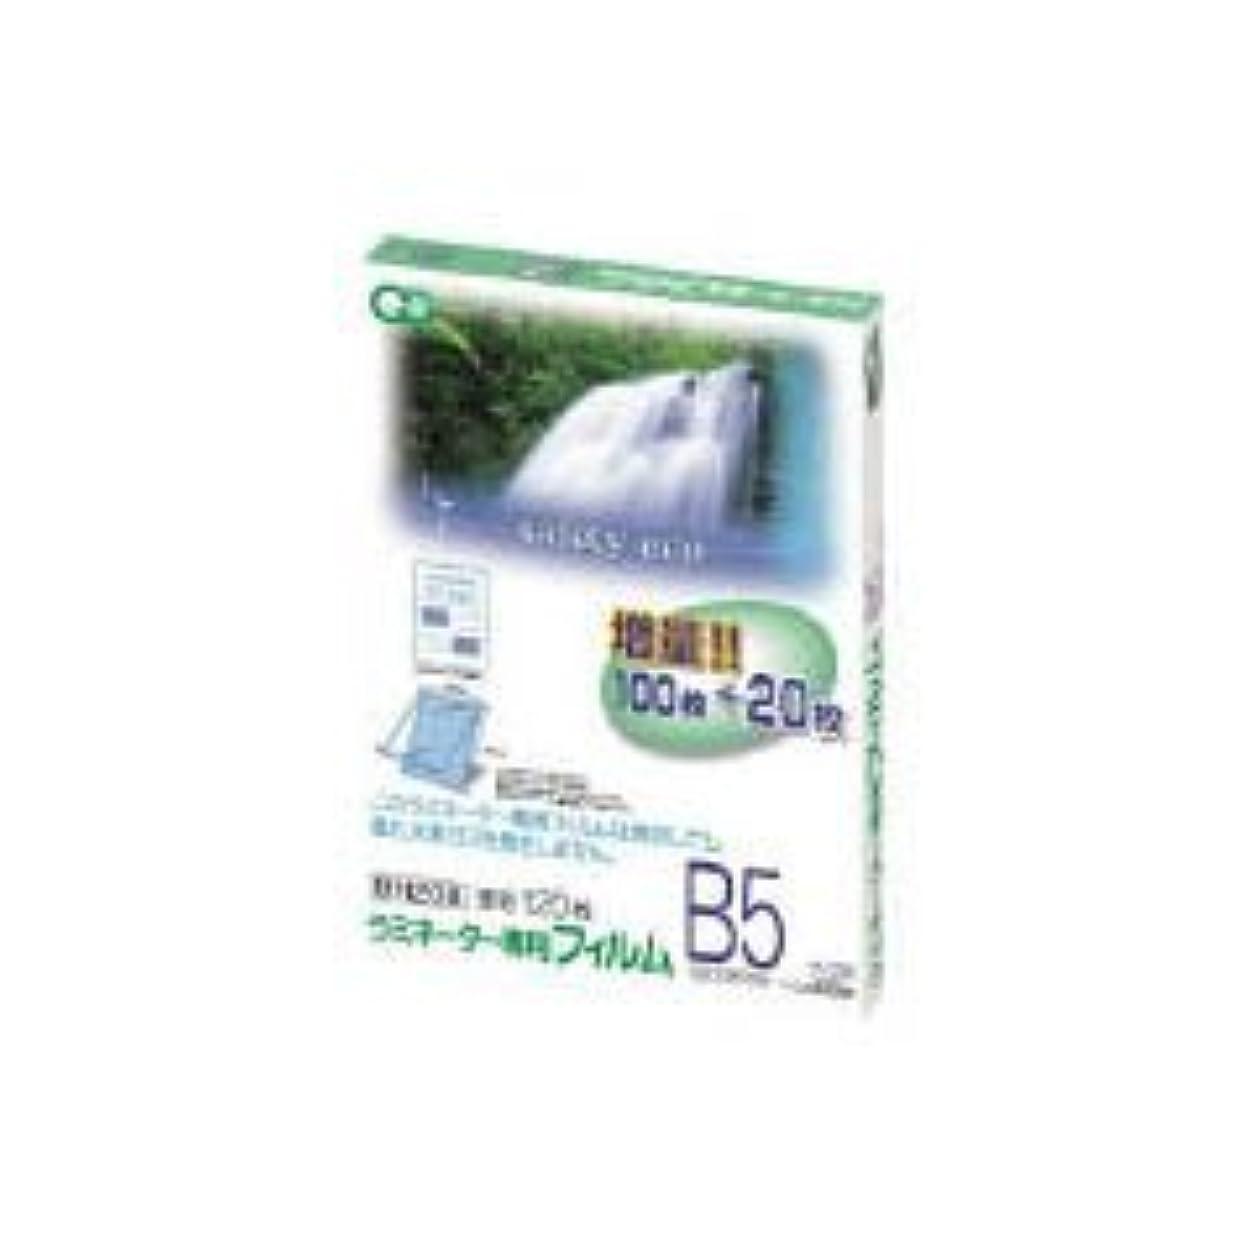 なくなる混乱安価なアスカ ラミフィルム120枚 B5サイズ BH-208 00940128【まとめ買い3箱セット】